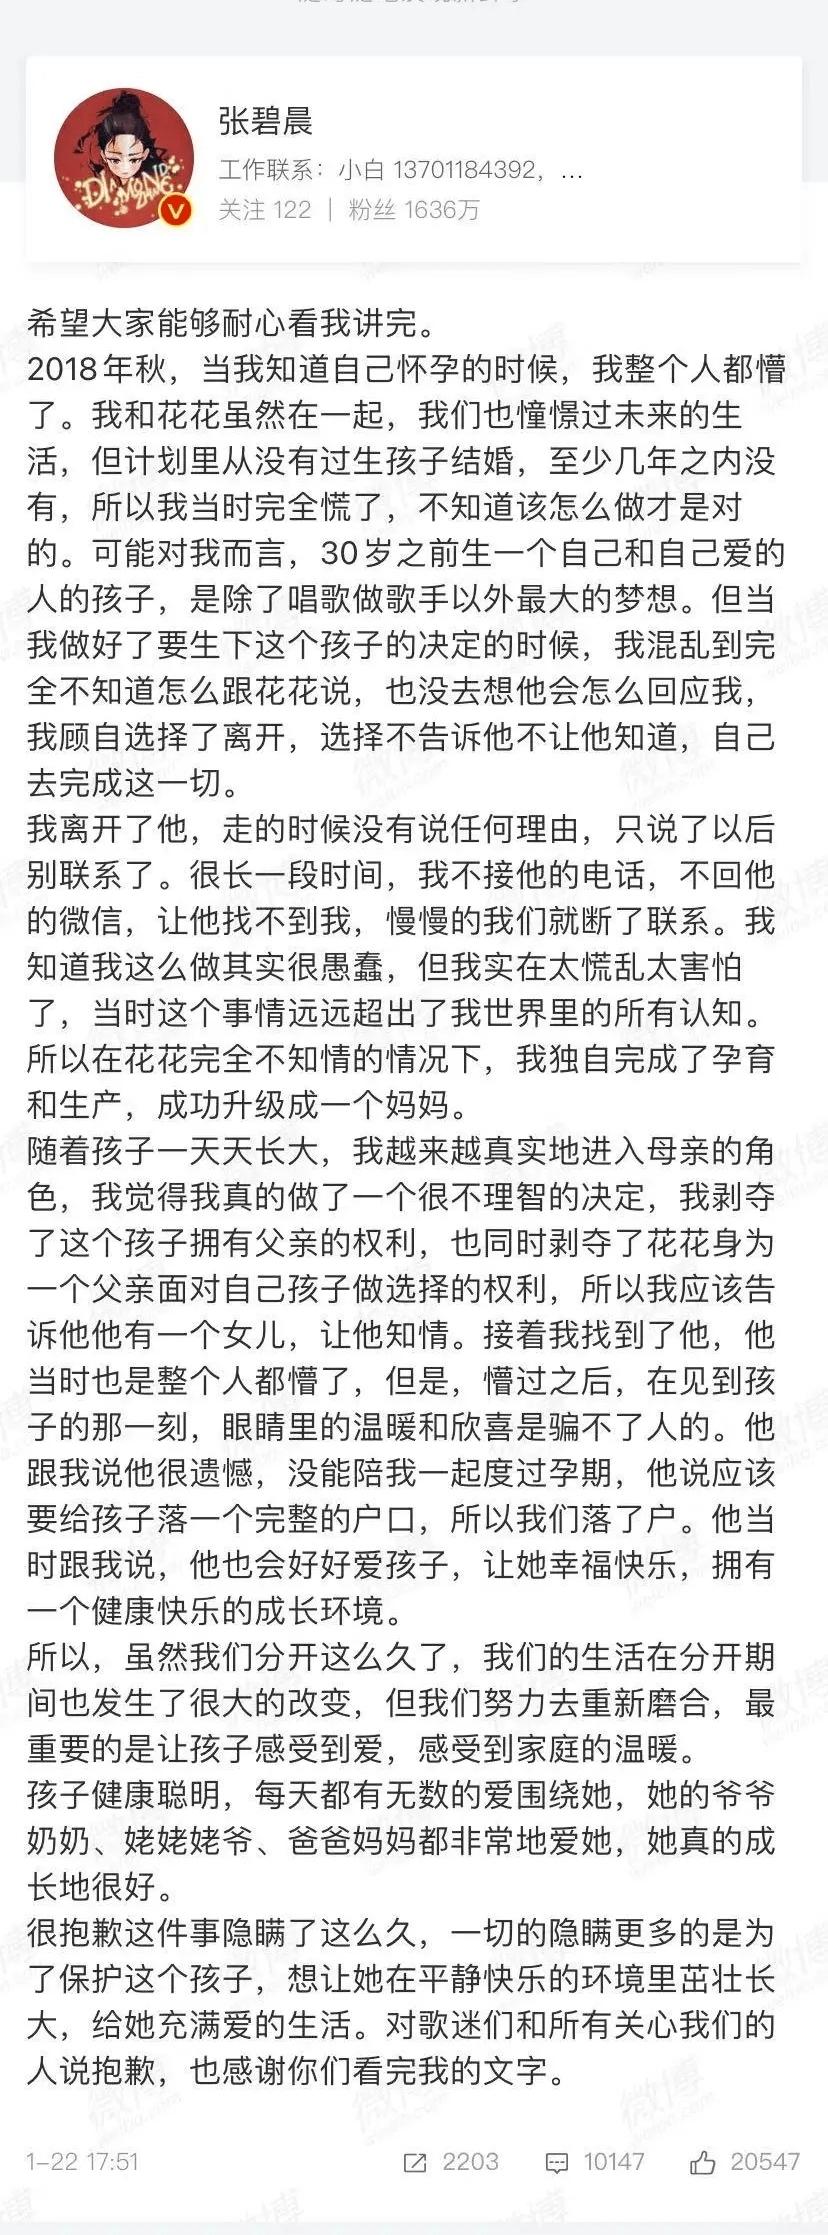 华晨宇承认有一个孩子,张碧晨坦言华晨宇不知她怀孕